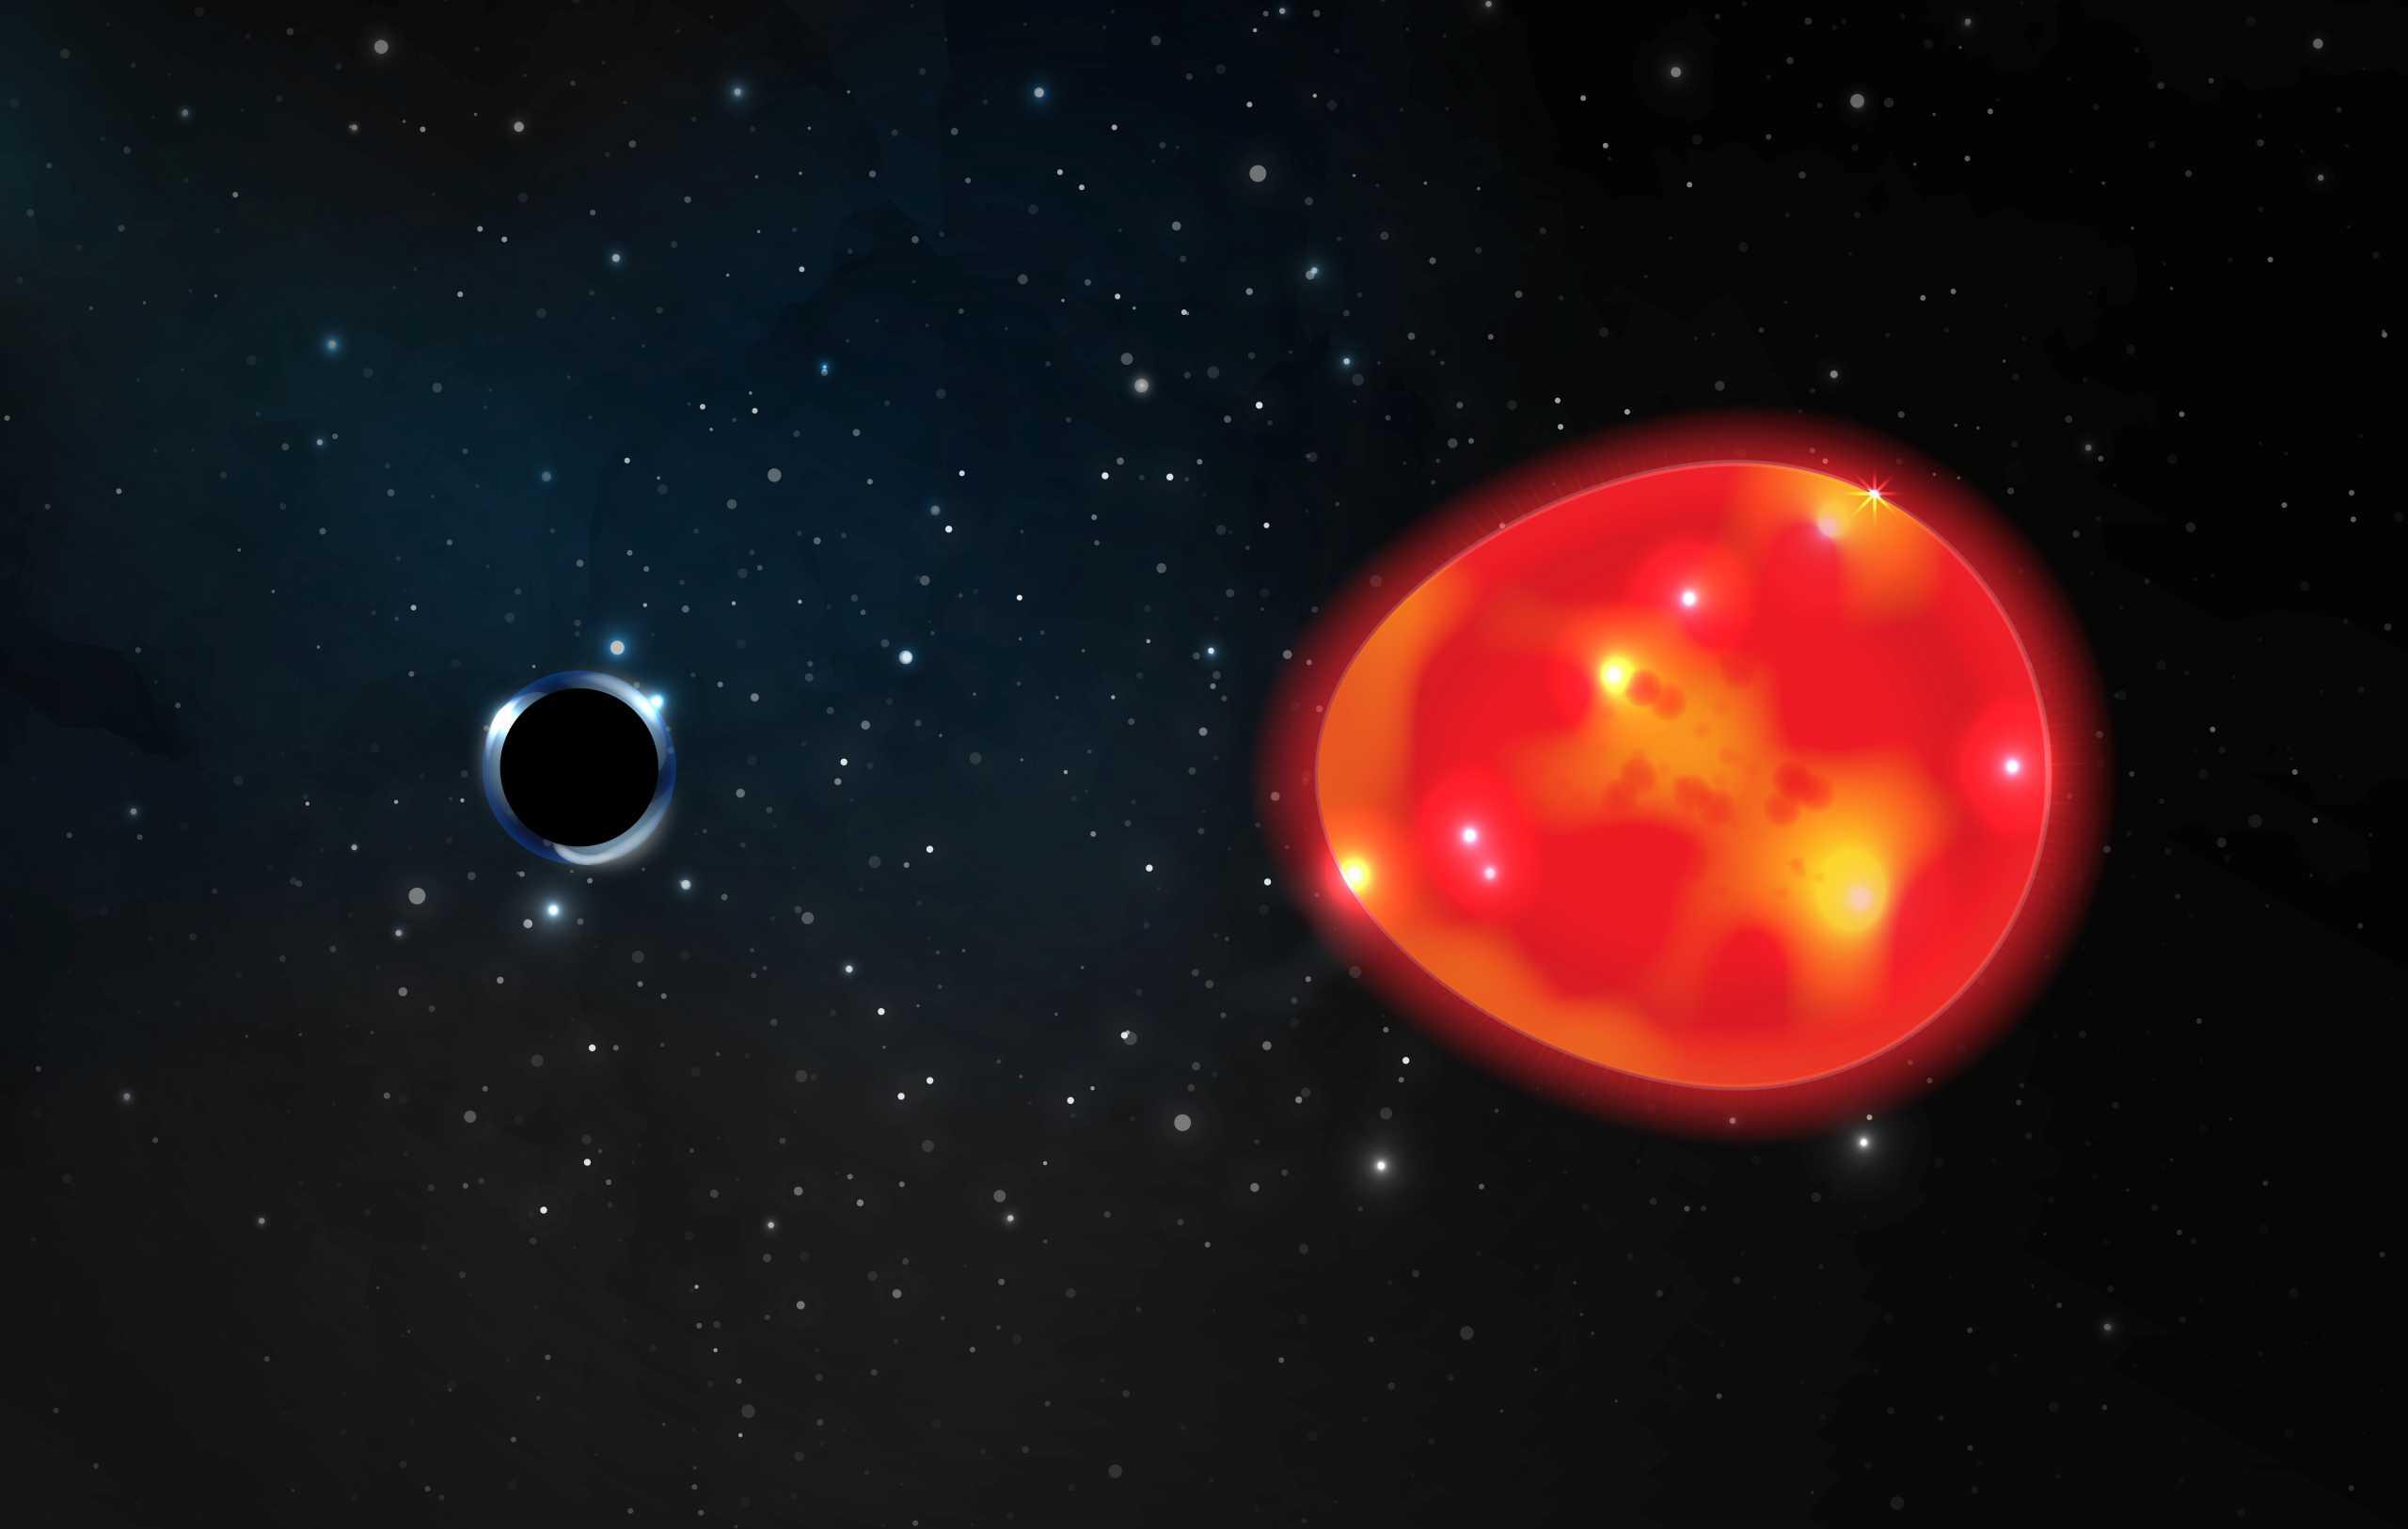 «Μονόκερως»: Αυτή είναι η πιο κοντινή στη Γη μαύρη τρύπα